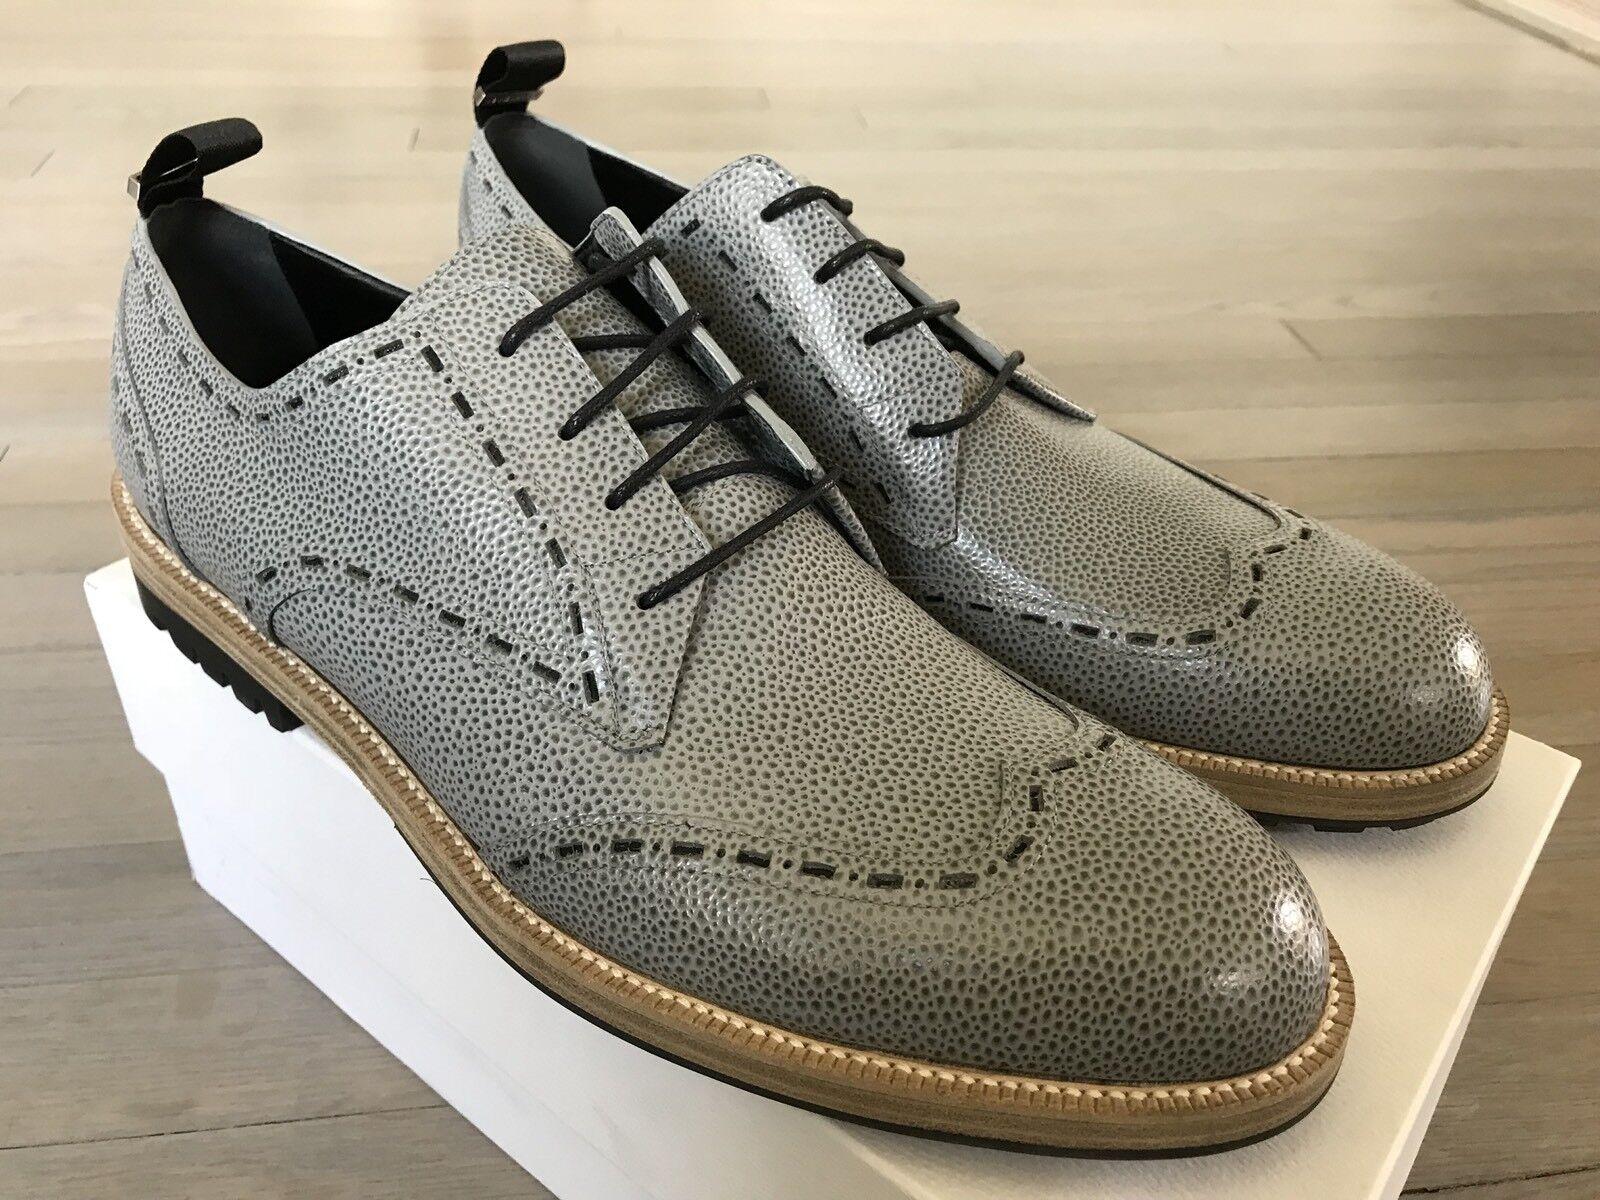 800$ Balenciaga 13, Gray Leather Oxfords size US 13, Balenciaga Made in Italy 303896